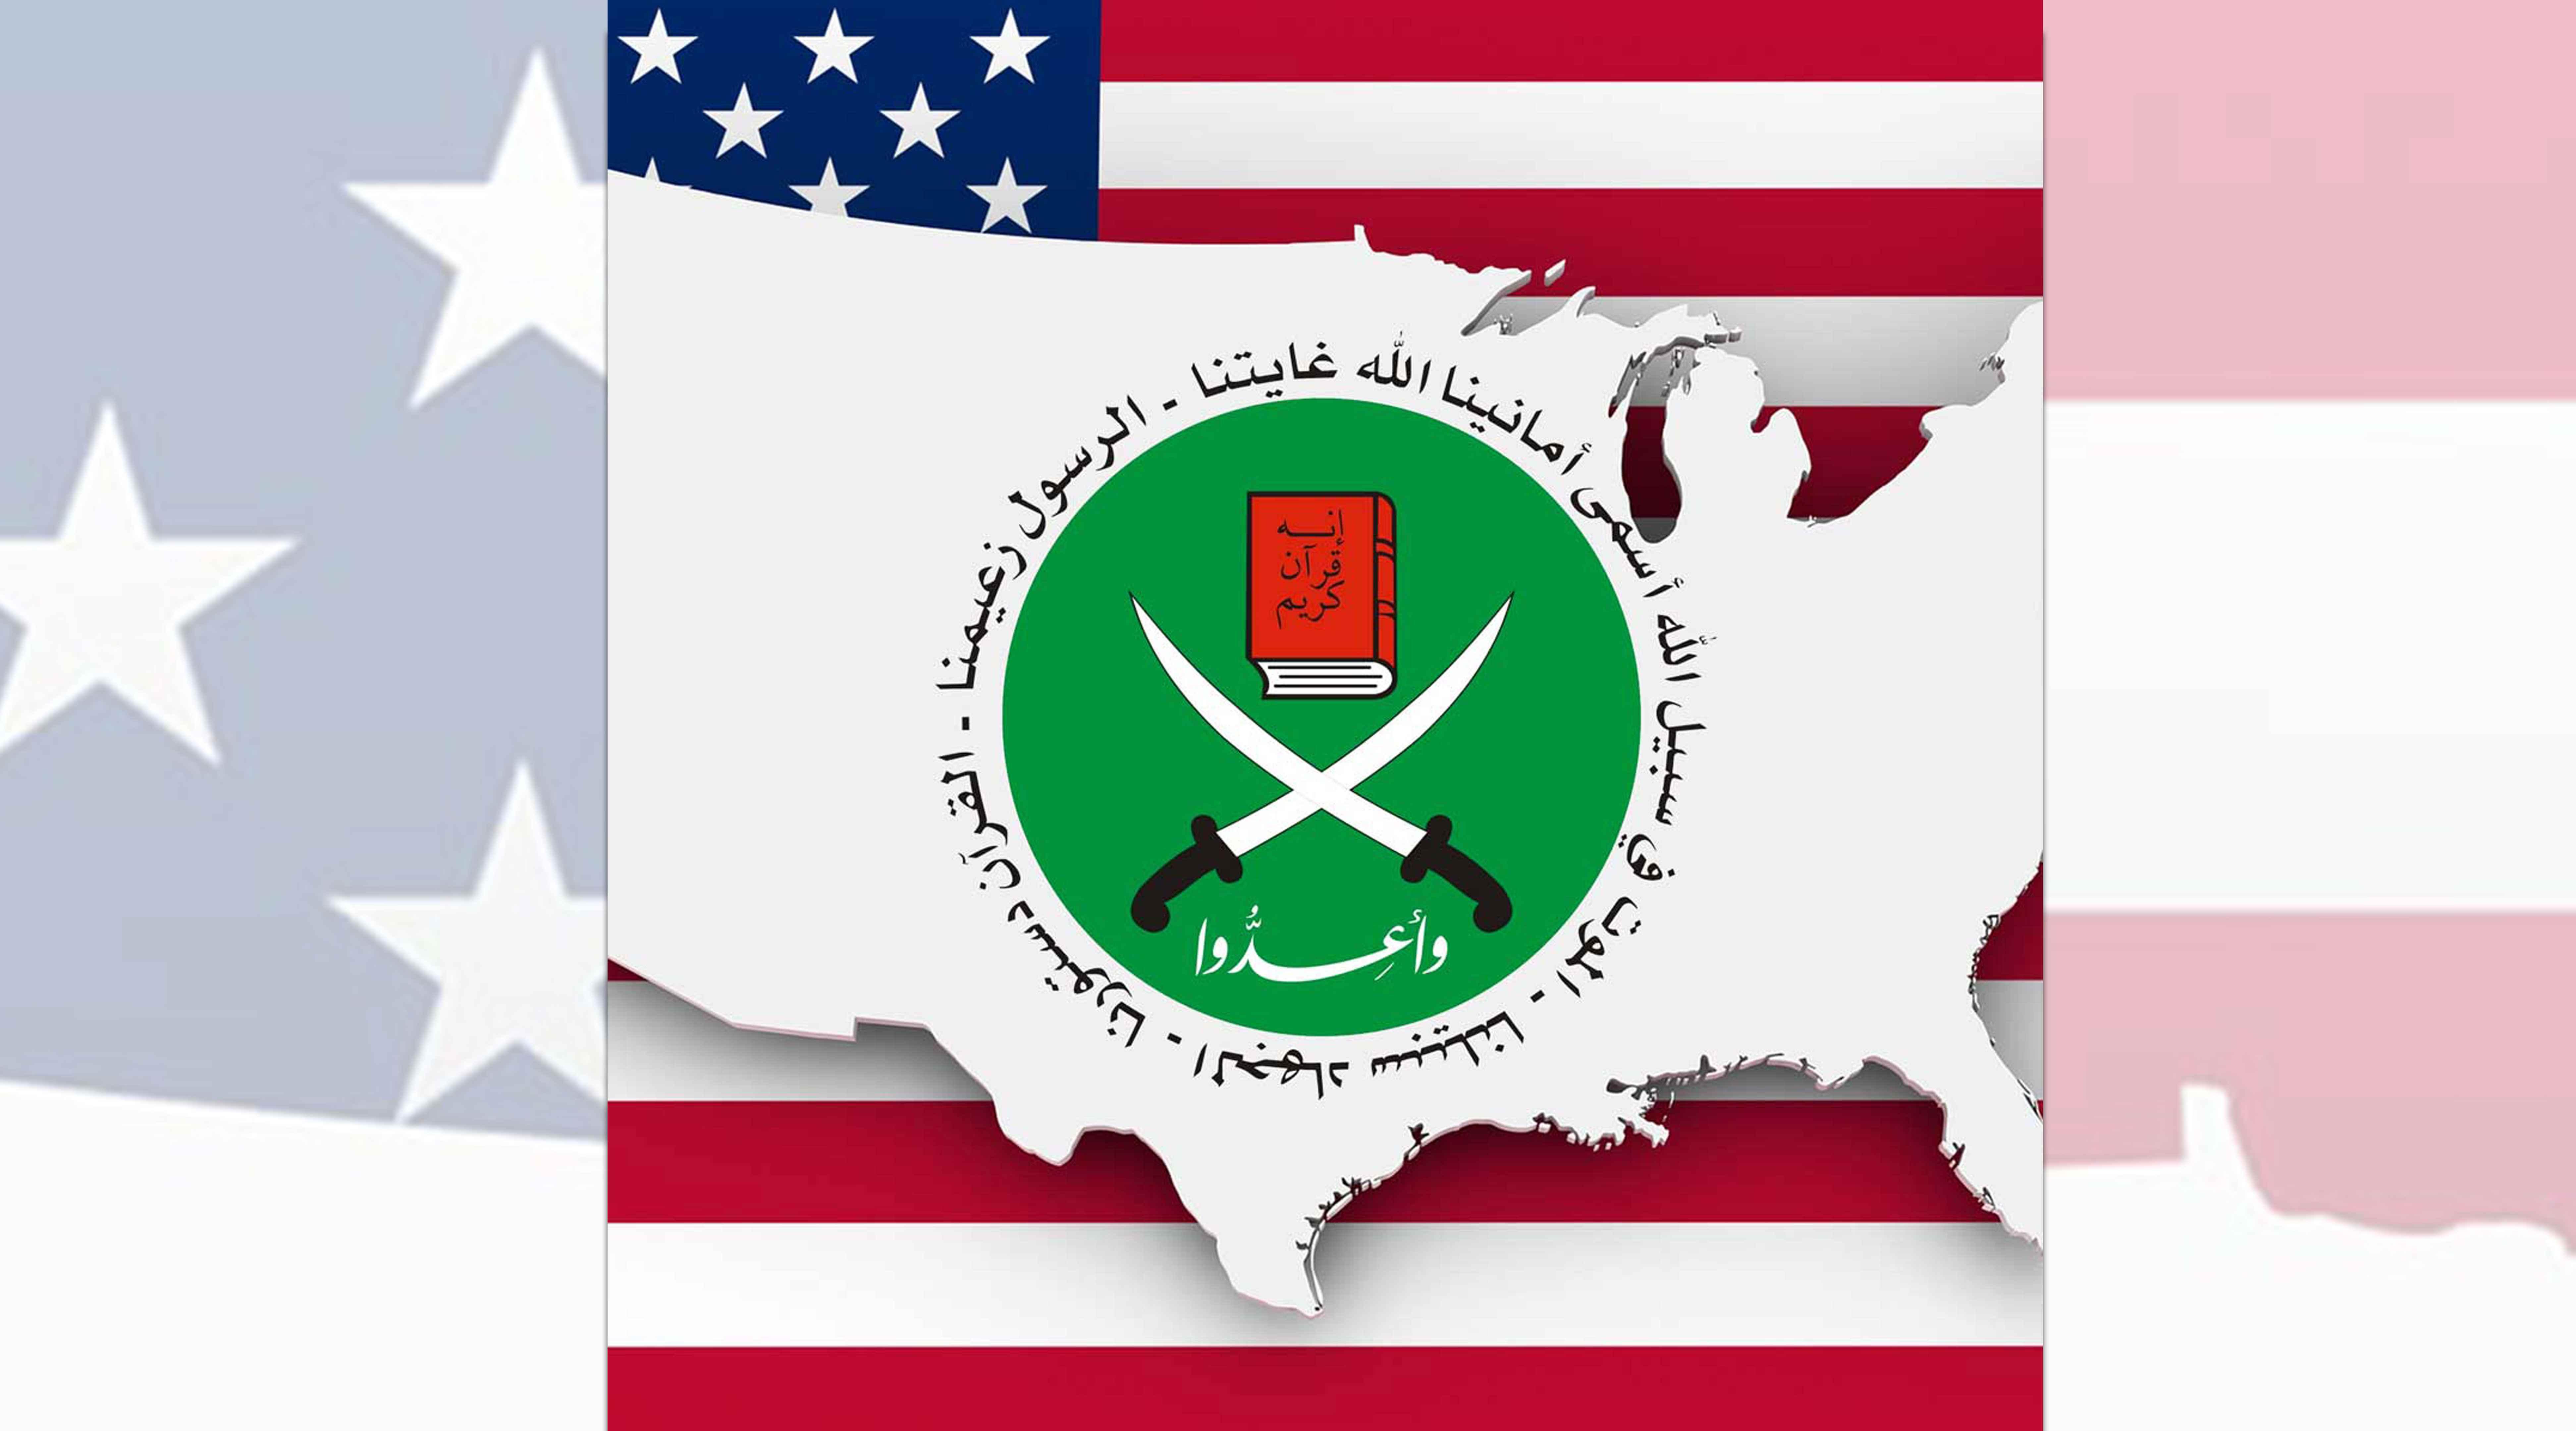 muslimbrotherhoodname_103a29ea-80ad-4809-84cd-c8ace1313a27